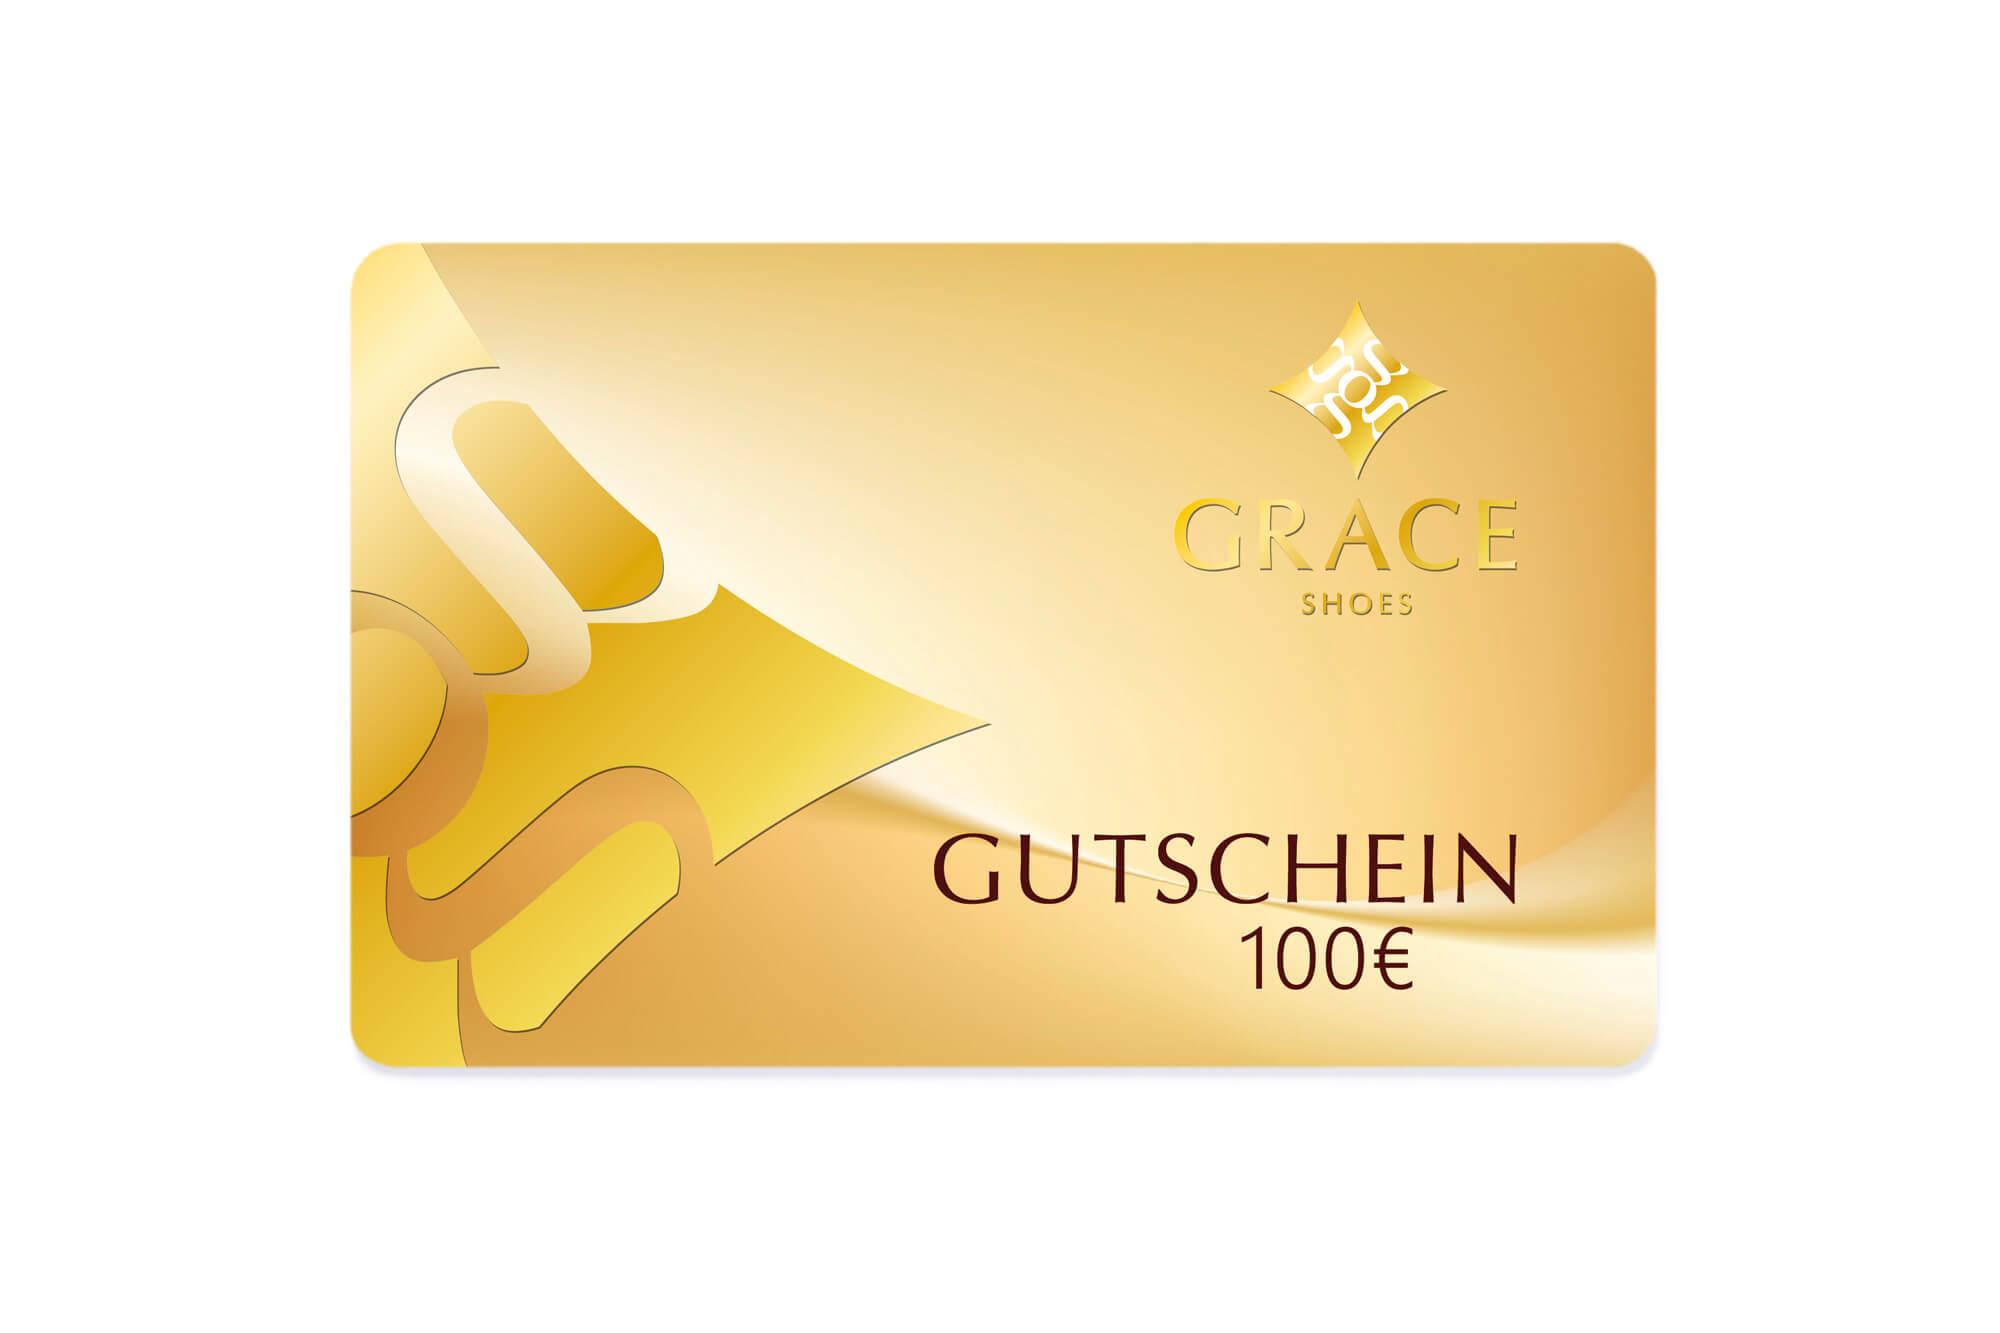 Gutscheinkarte in Gold-Metallic